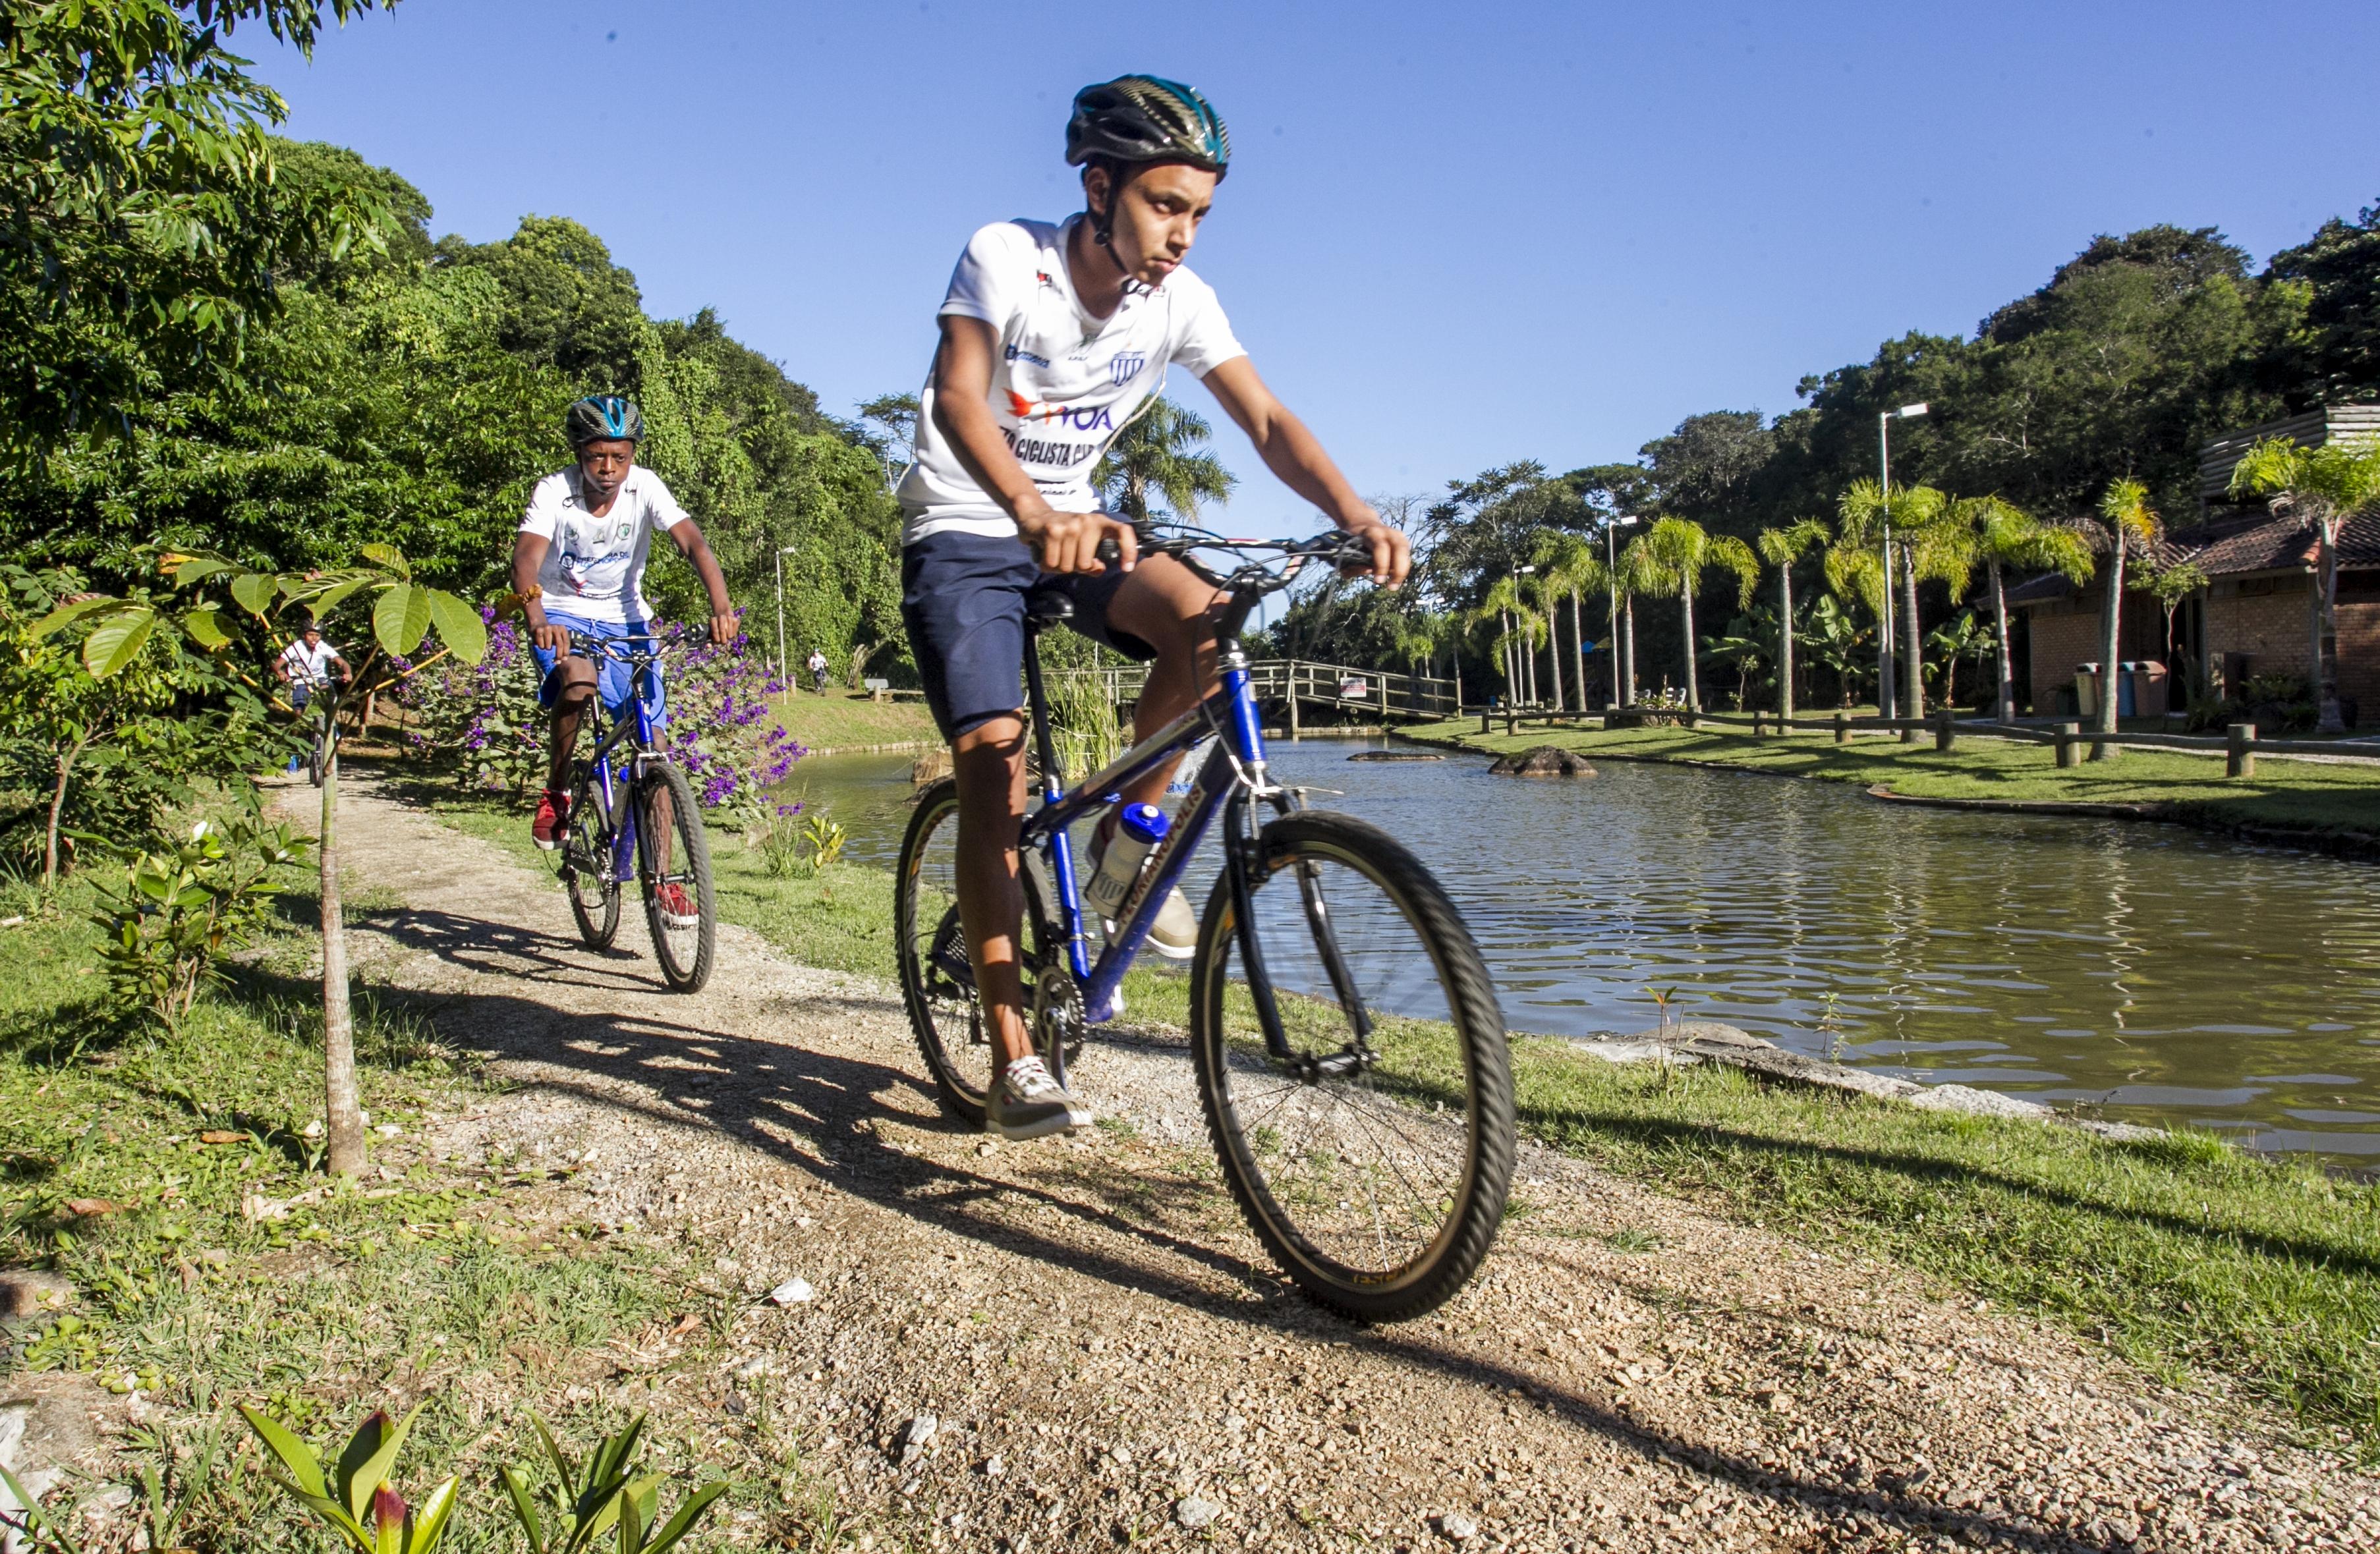 Adolescentes treinam para competir e se divertem - Marco Santiago/ND